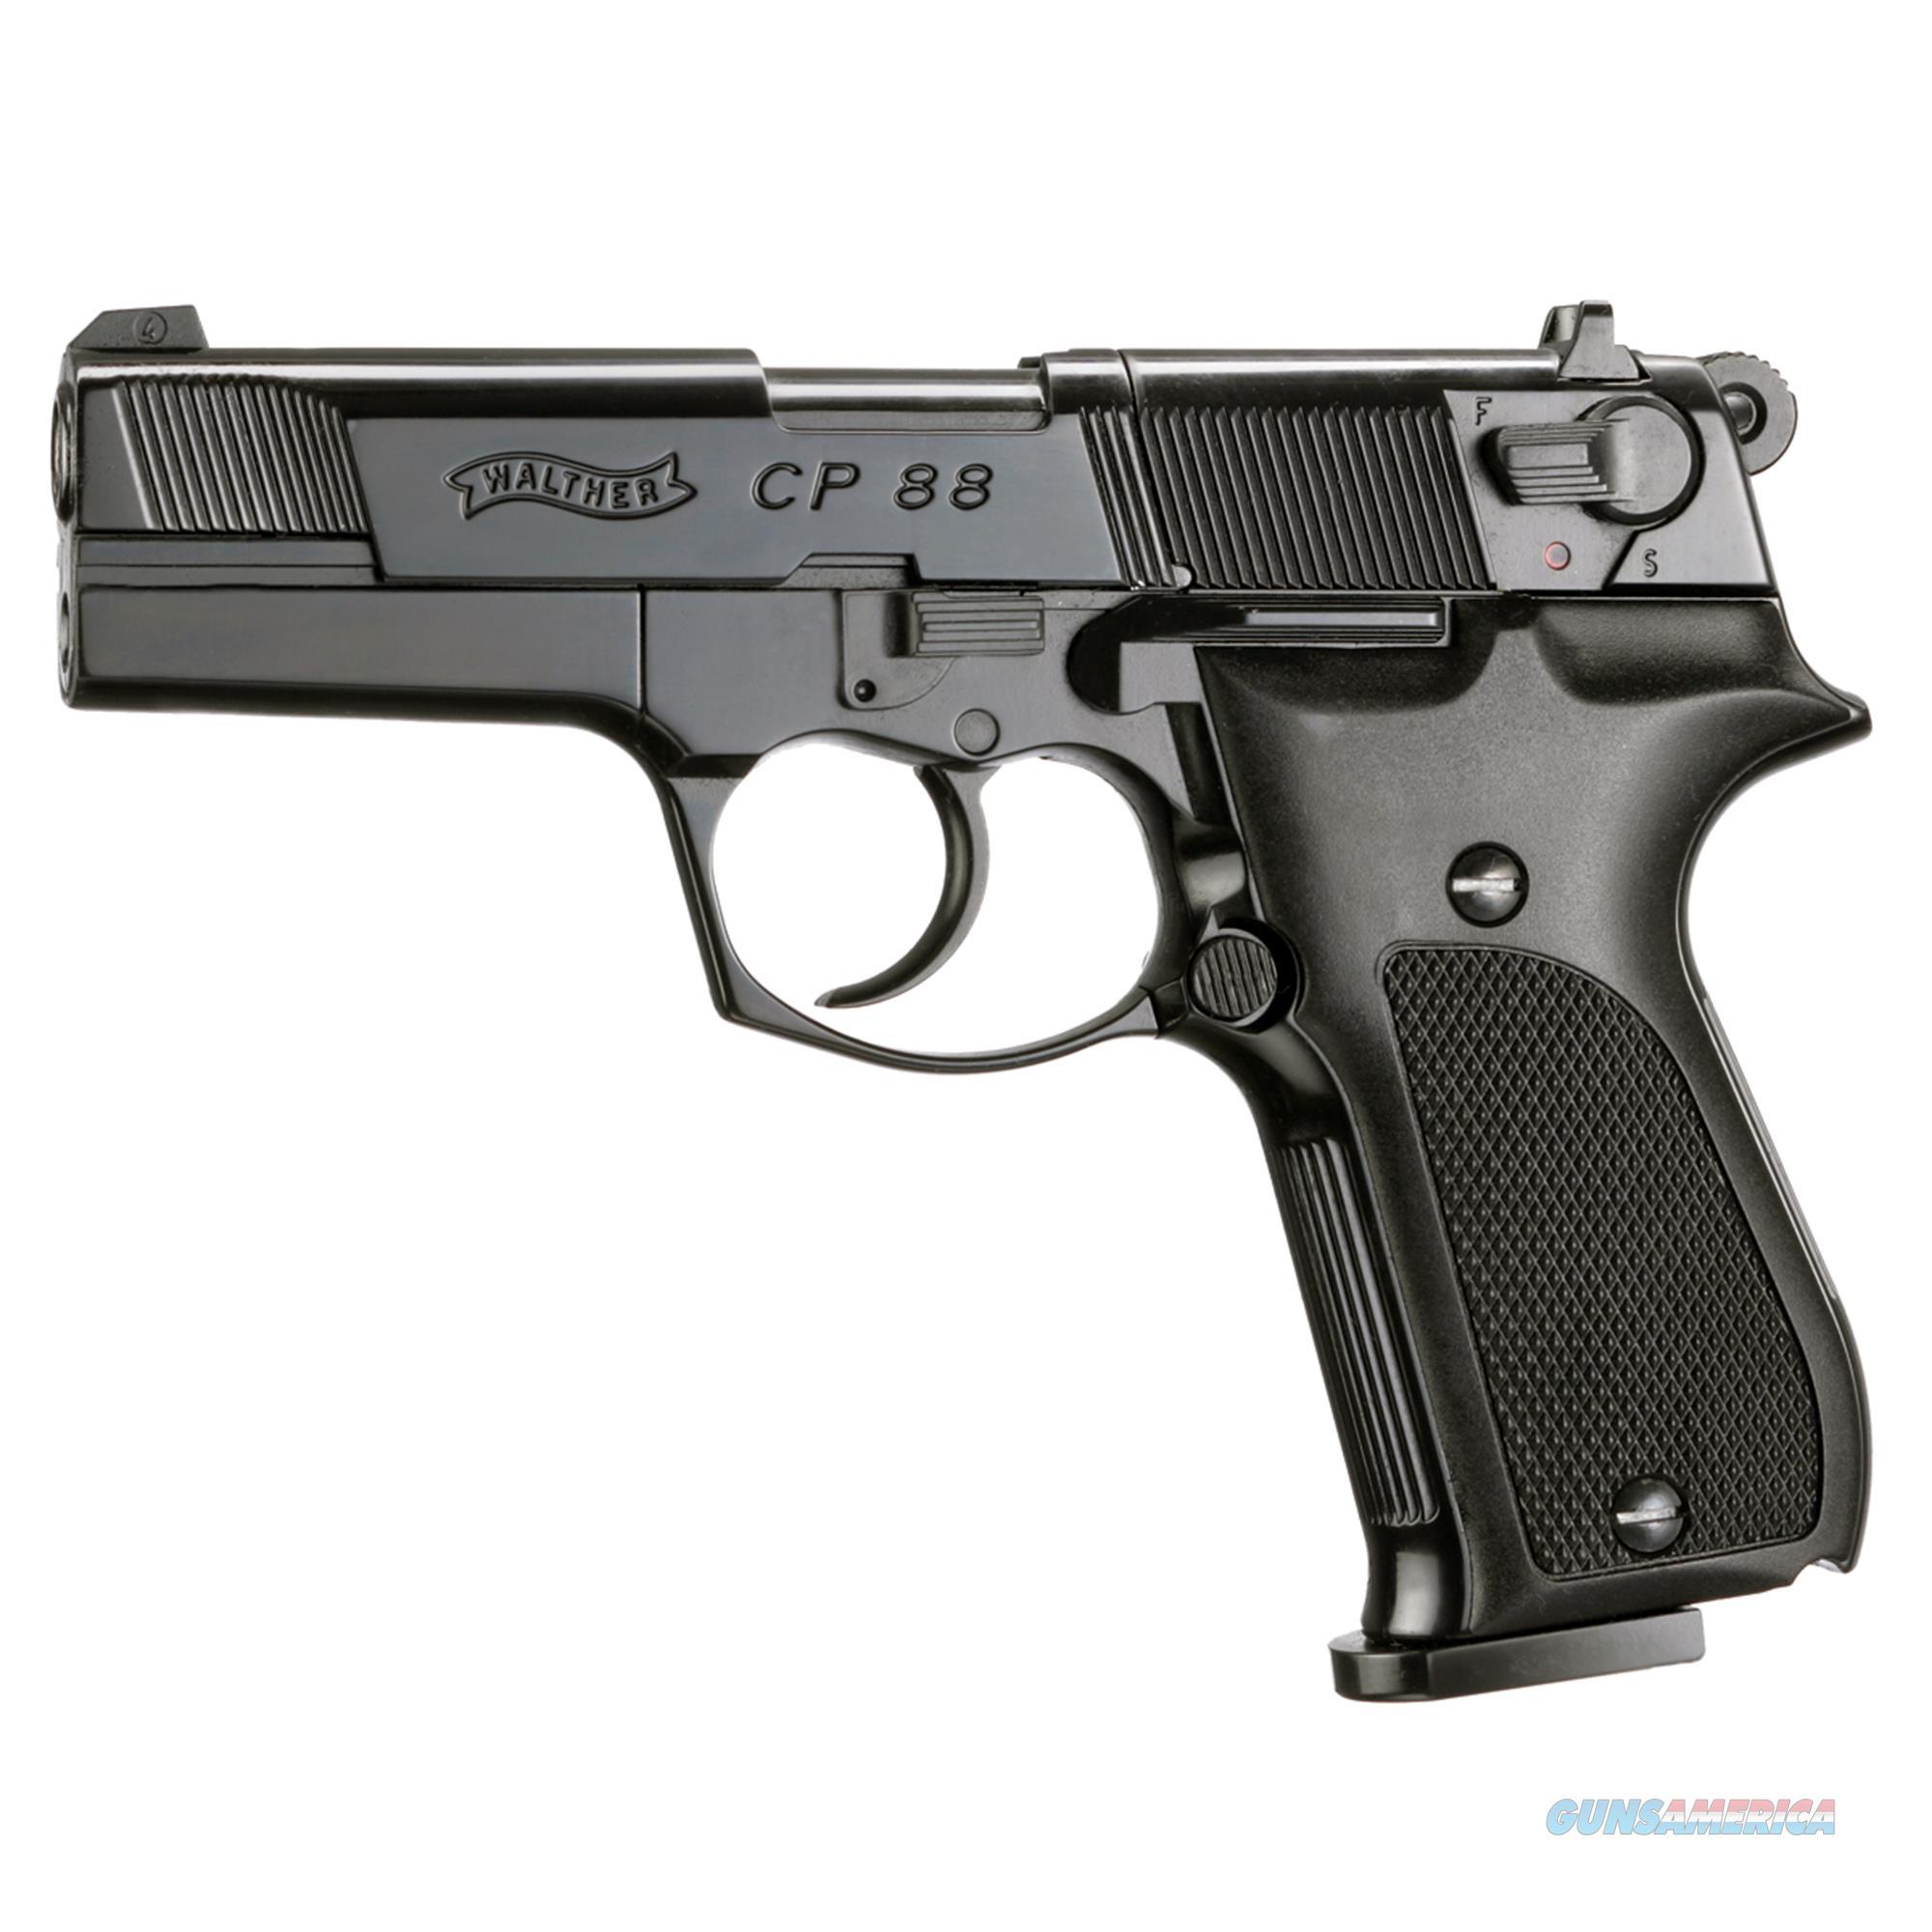 Umarex Cp88 2252050  Non-Guns > Air Rifles - Pistols > CO2 Rifle